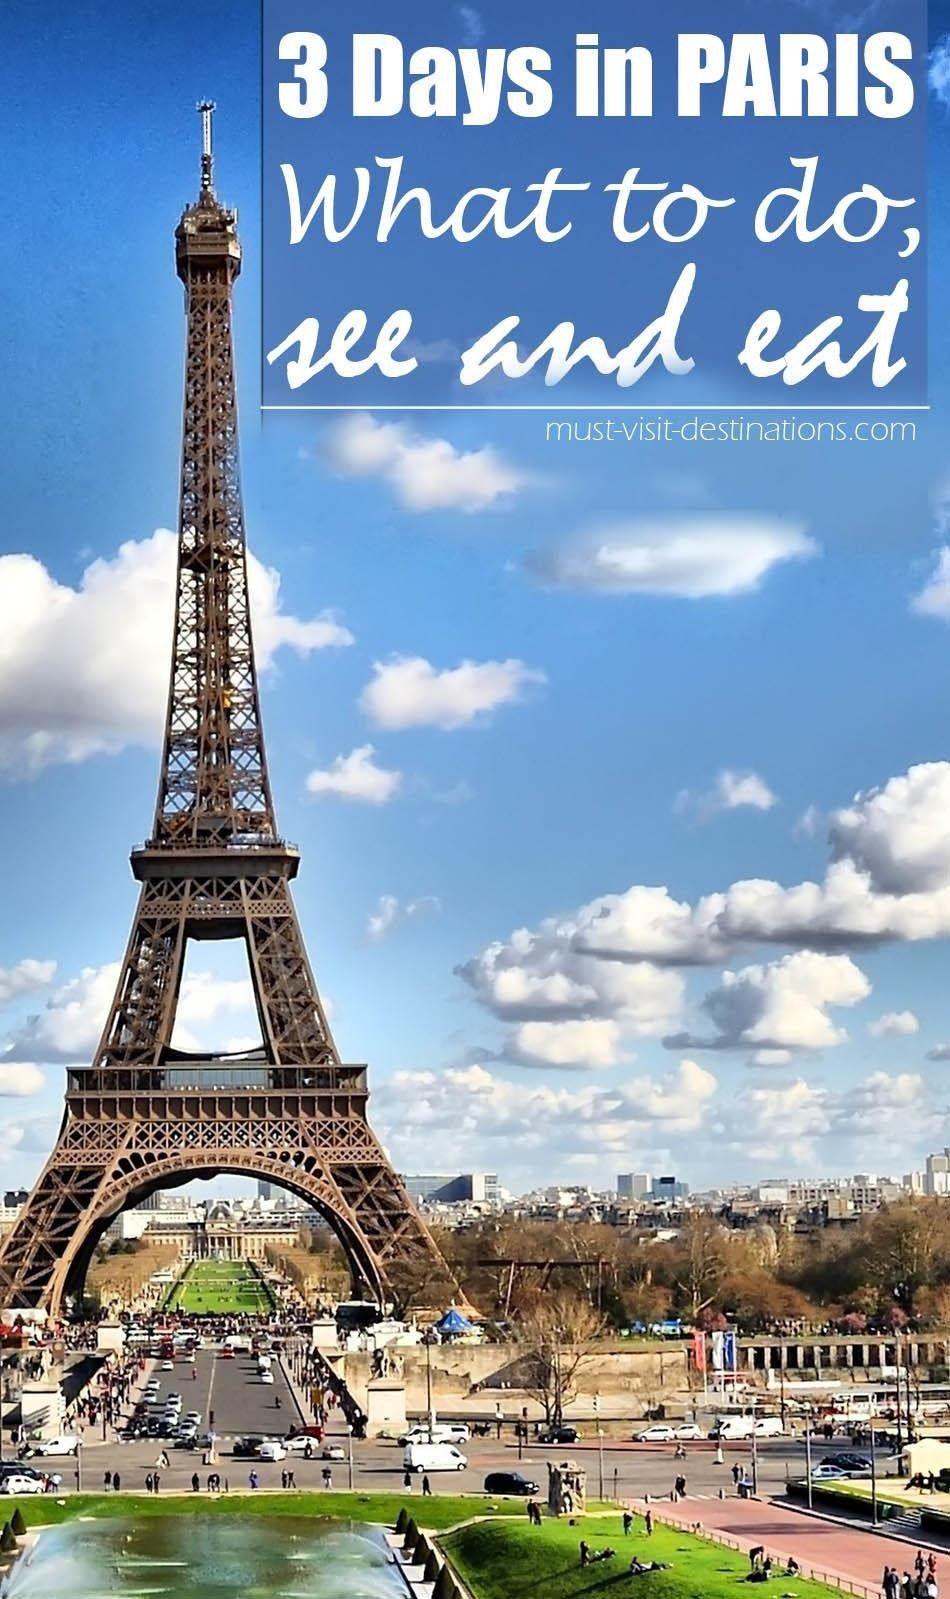 In Paris 3 Days Visit